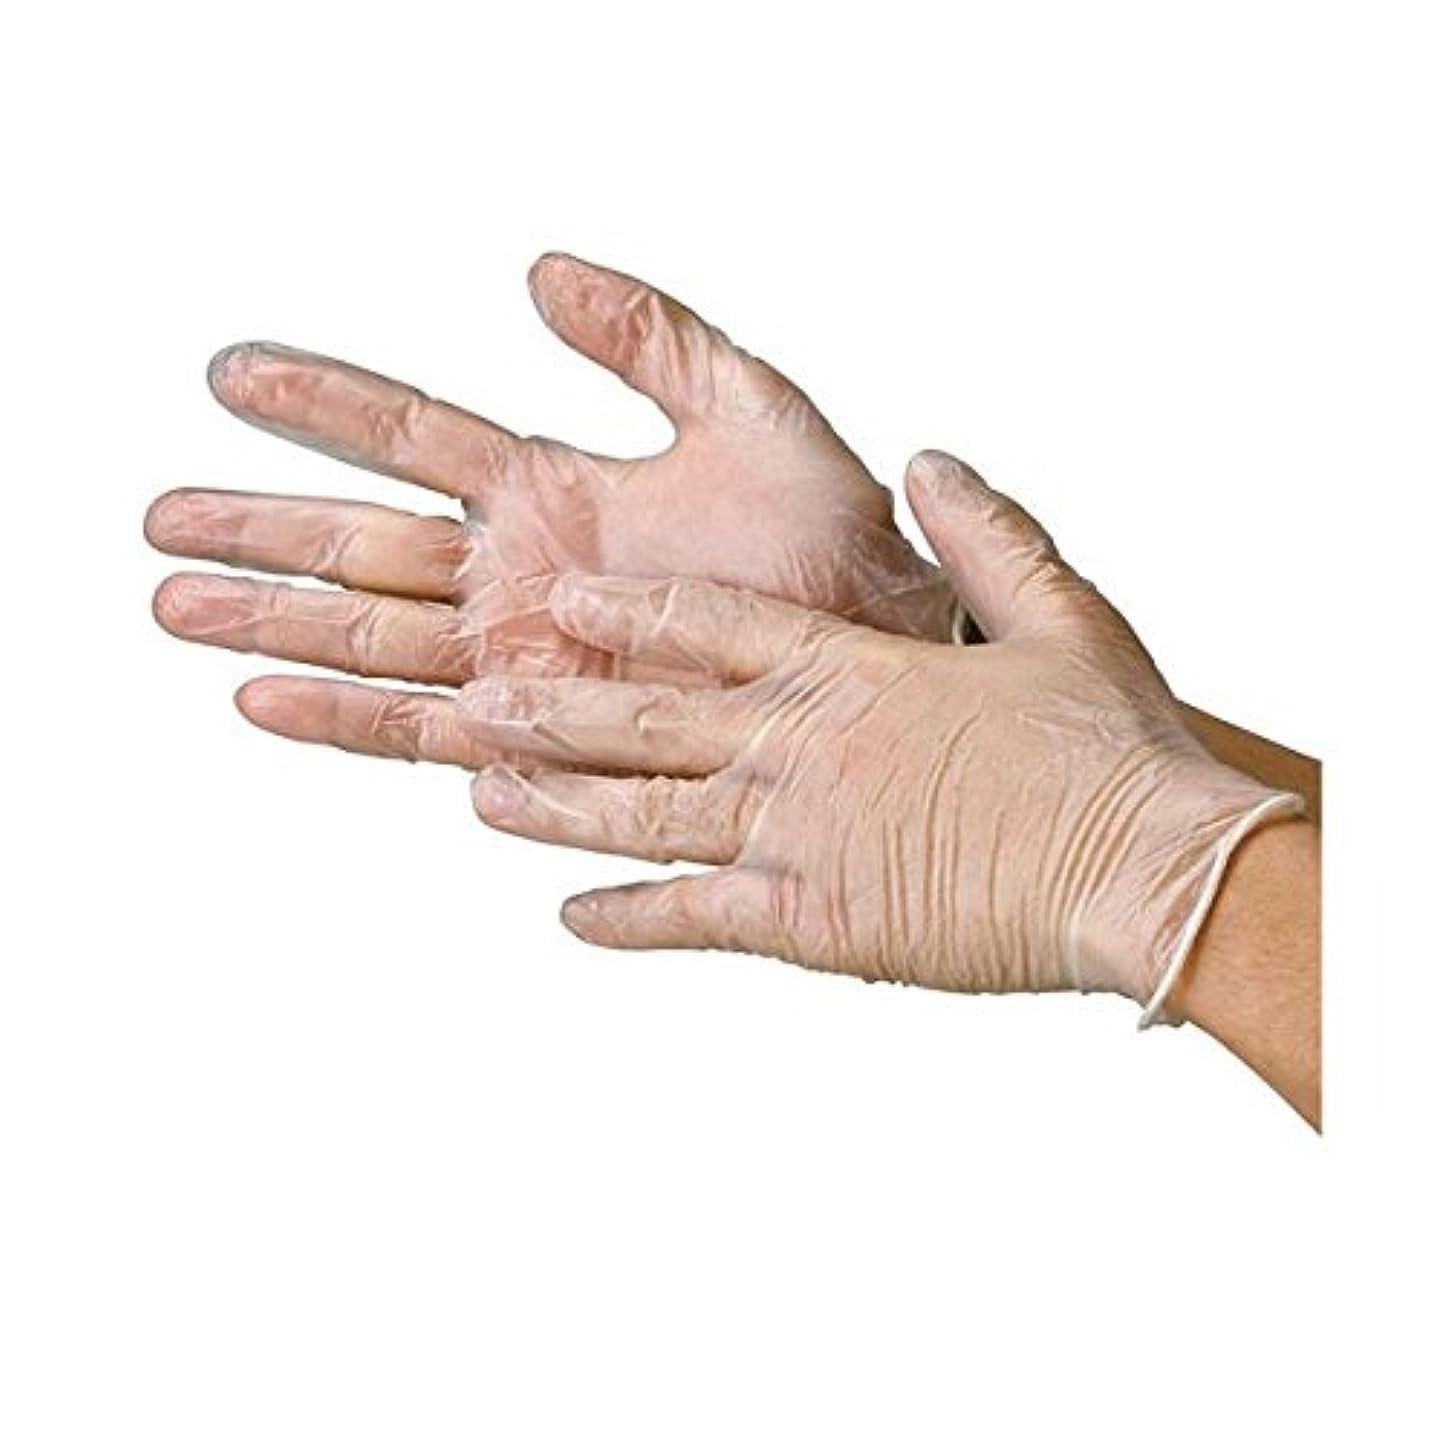 キリマンジャロ深遠特徴づける川西工業 ビニール極薄手袋 粉なし S 20箱 ダイエット 健康 衛生用品 その他の衛生用品 14067381 [並行輸入品]